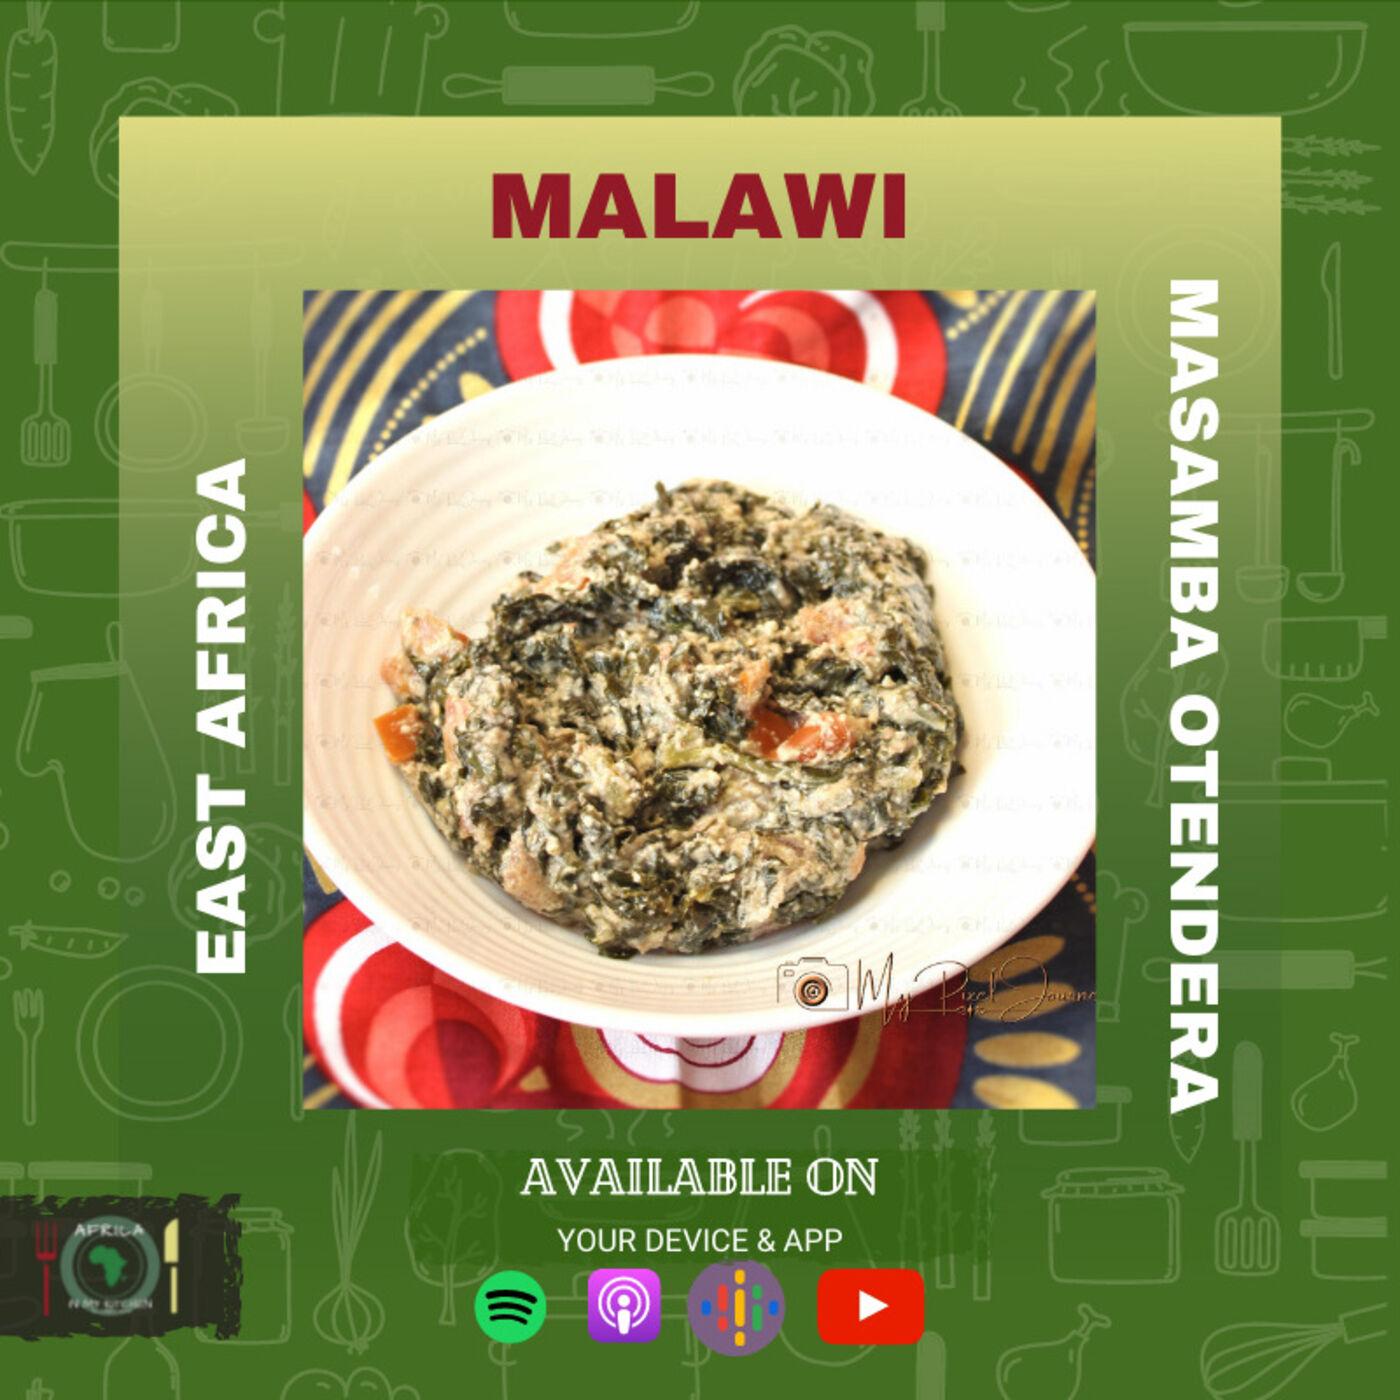 Malawi - Masamba Otendera